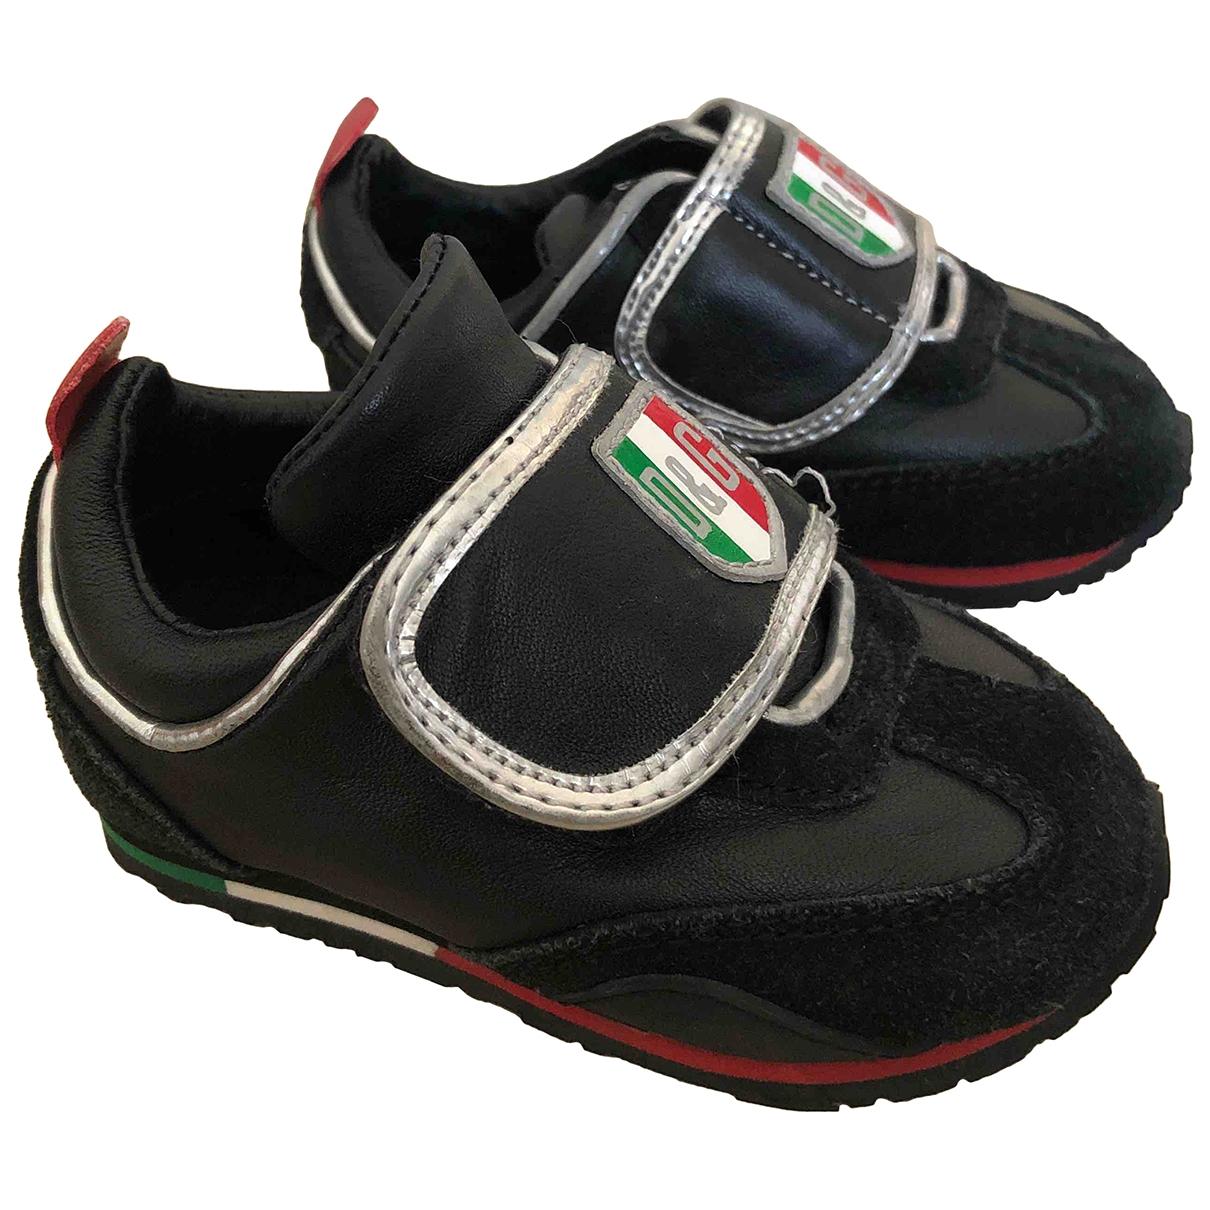 D&g \N Sneakers in  Schwarz Leder